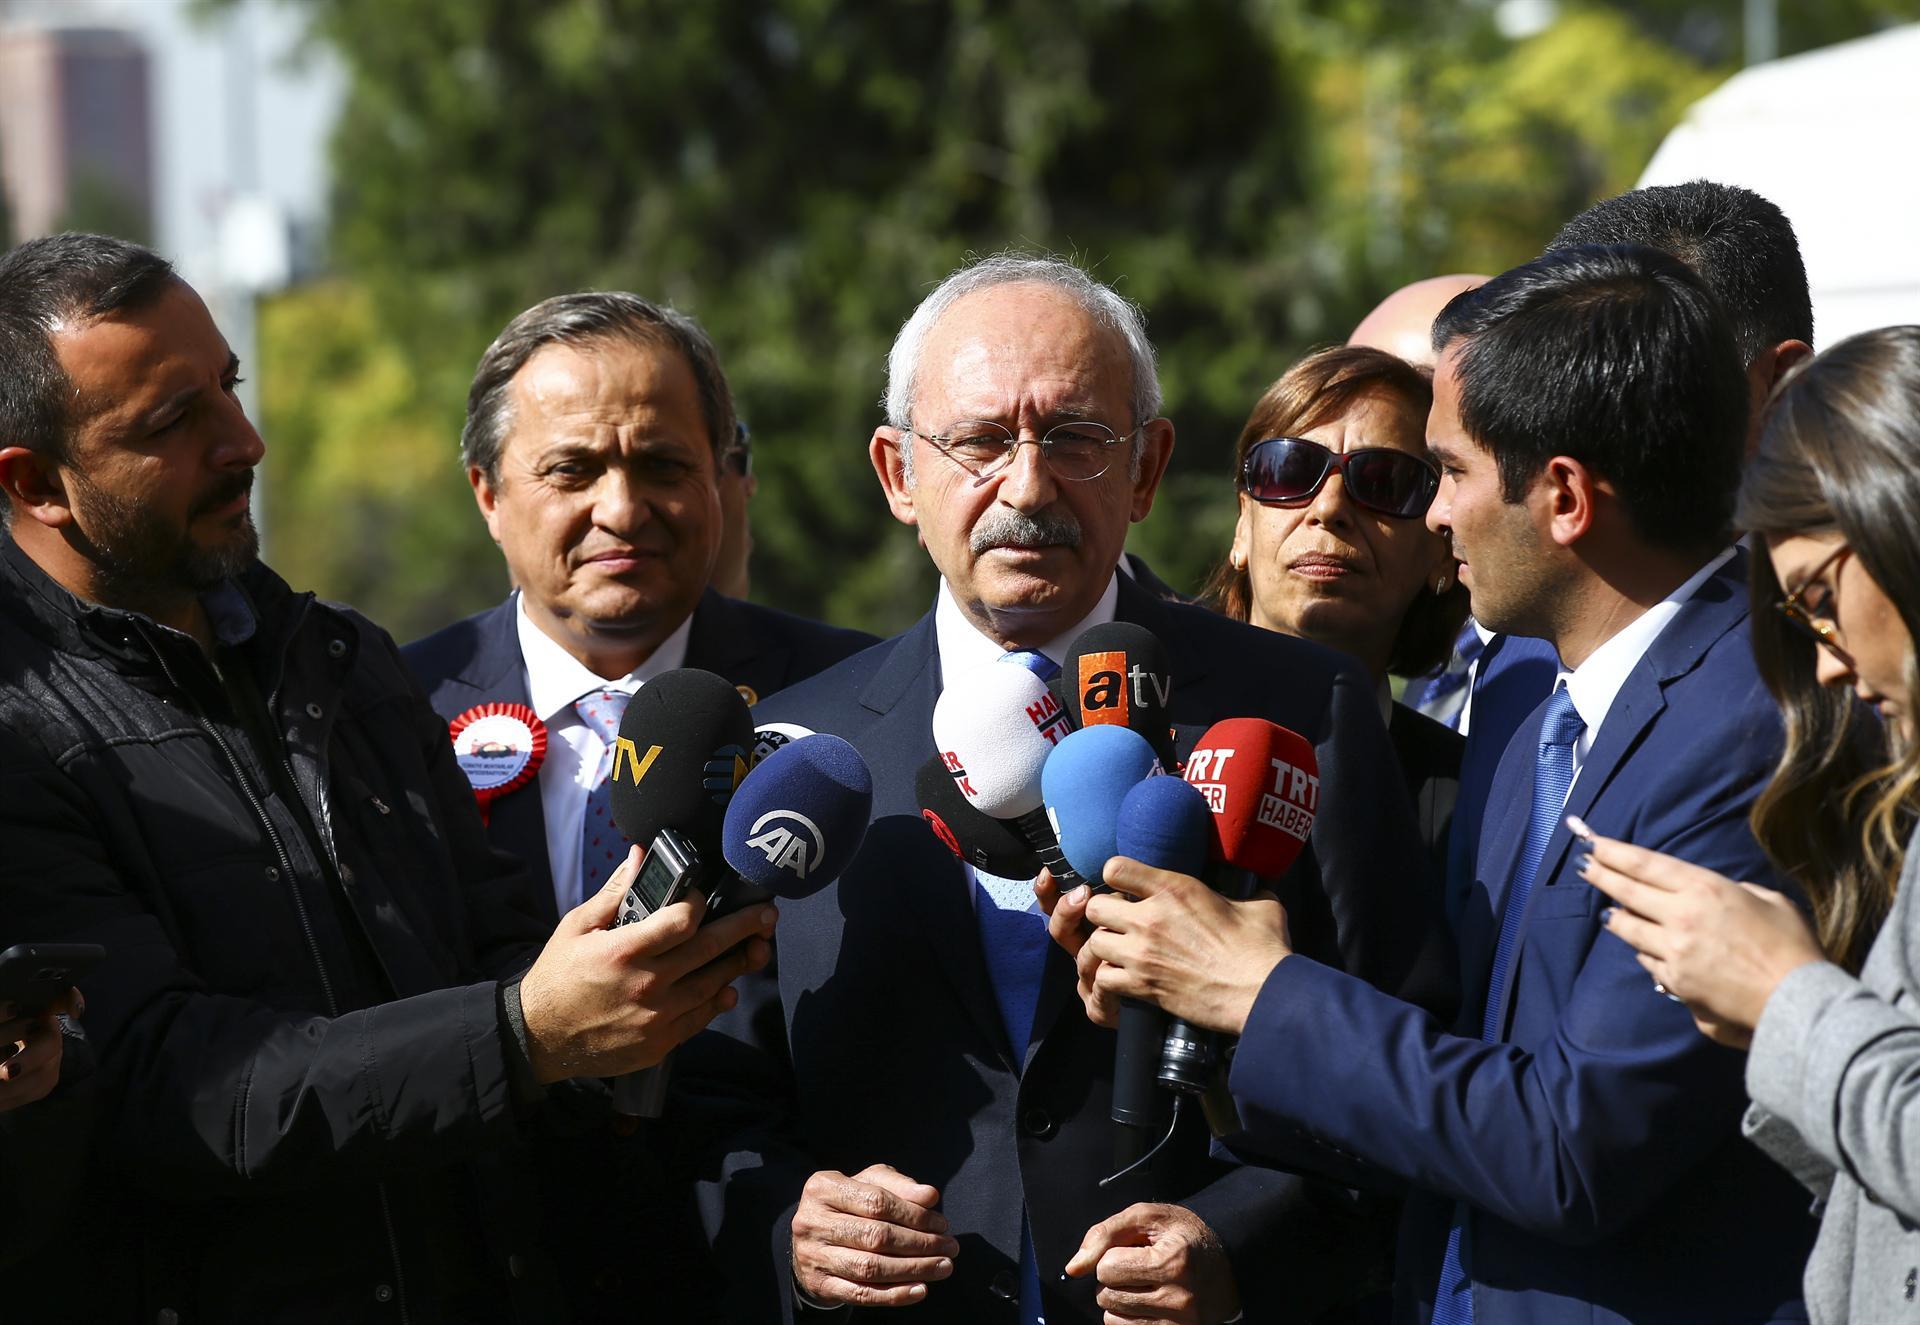 CHP head slams Erdoğan over mayors' resignation